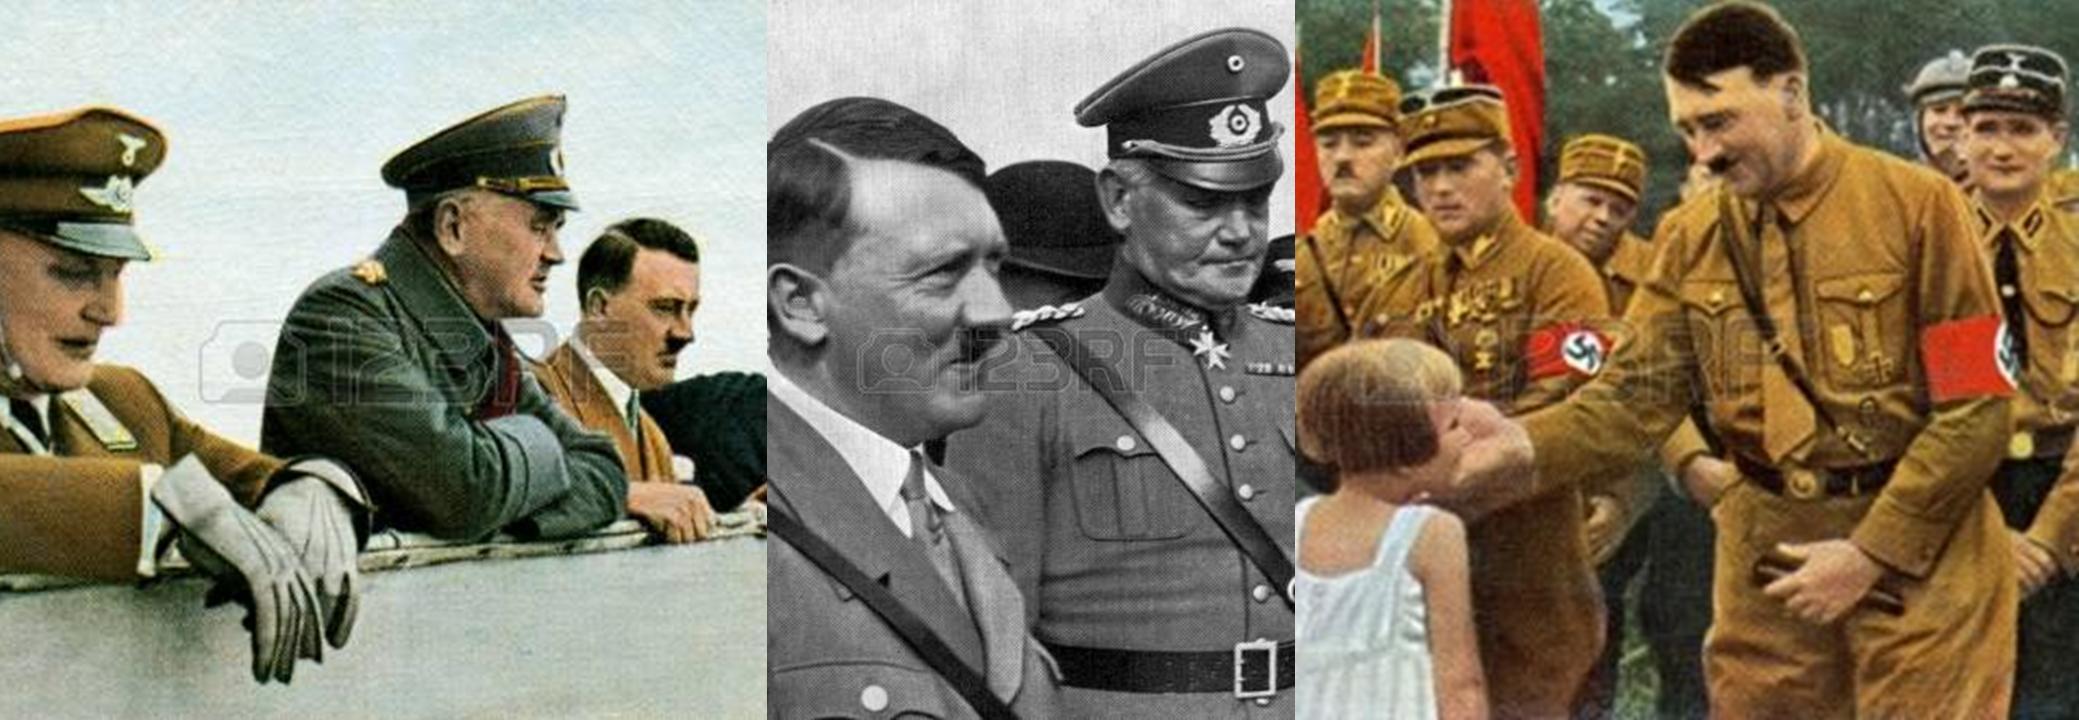 L'Allemagne nazie – L'avant-guerre, l'année 1933